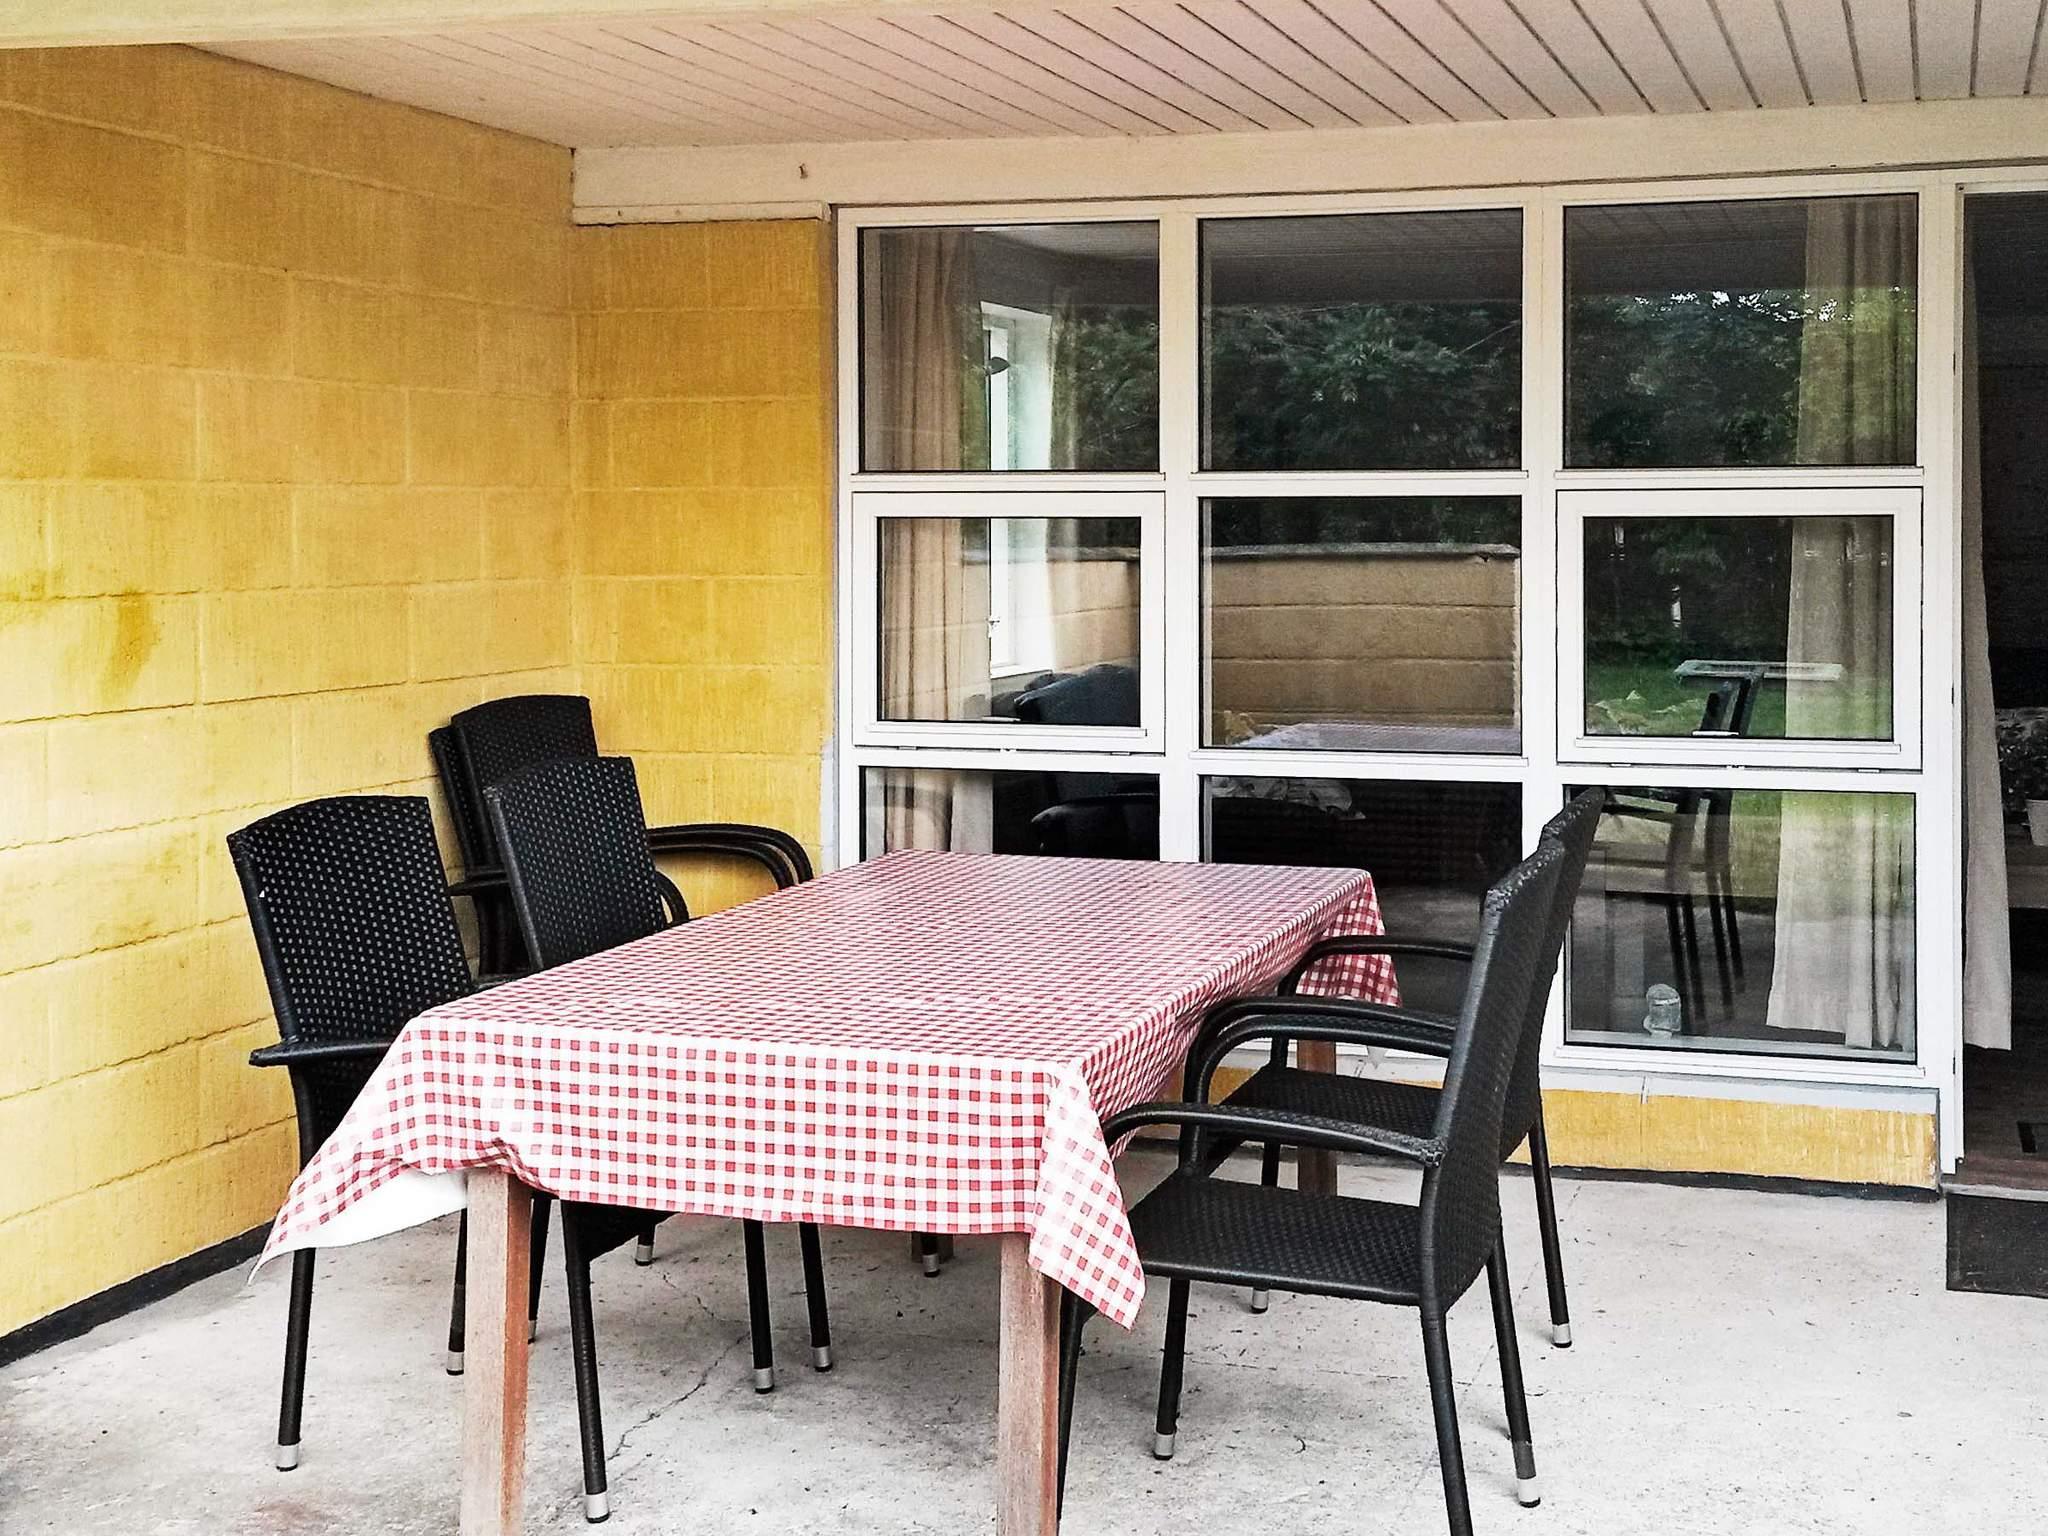 Ferienhaus Hummingen (87266), Hummingen, , Lolland, Dänemark, Bild 1